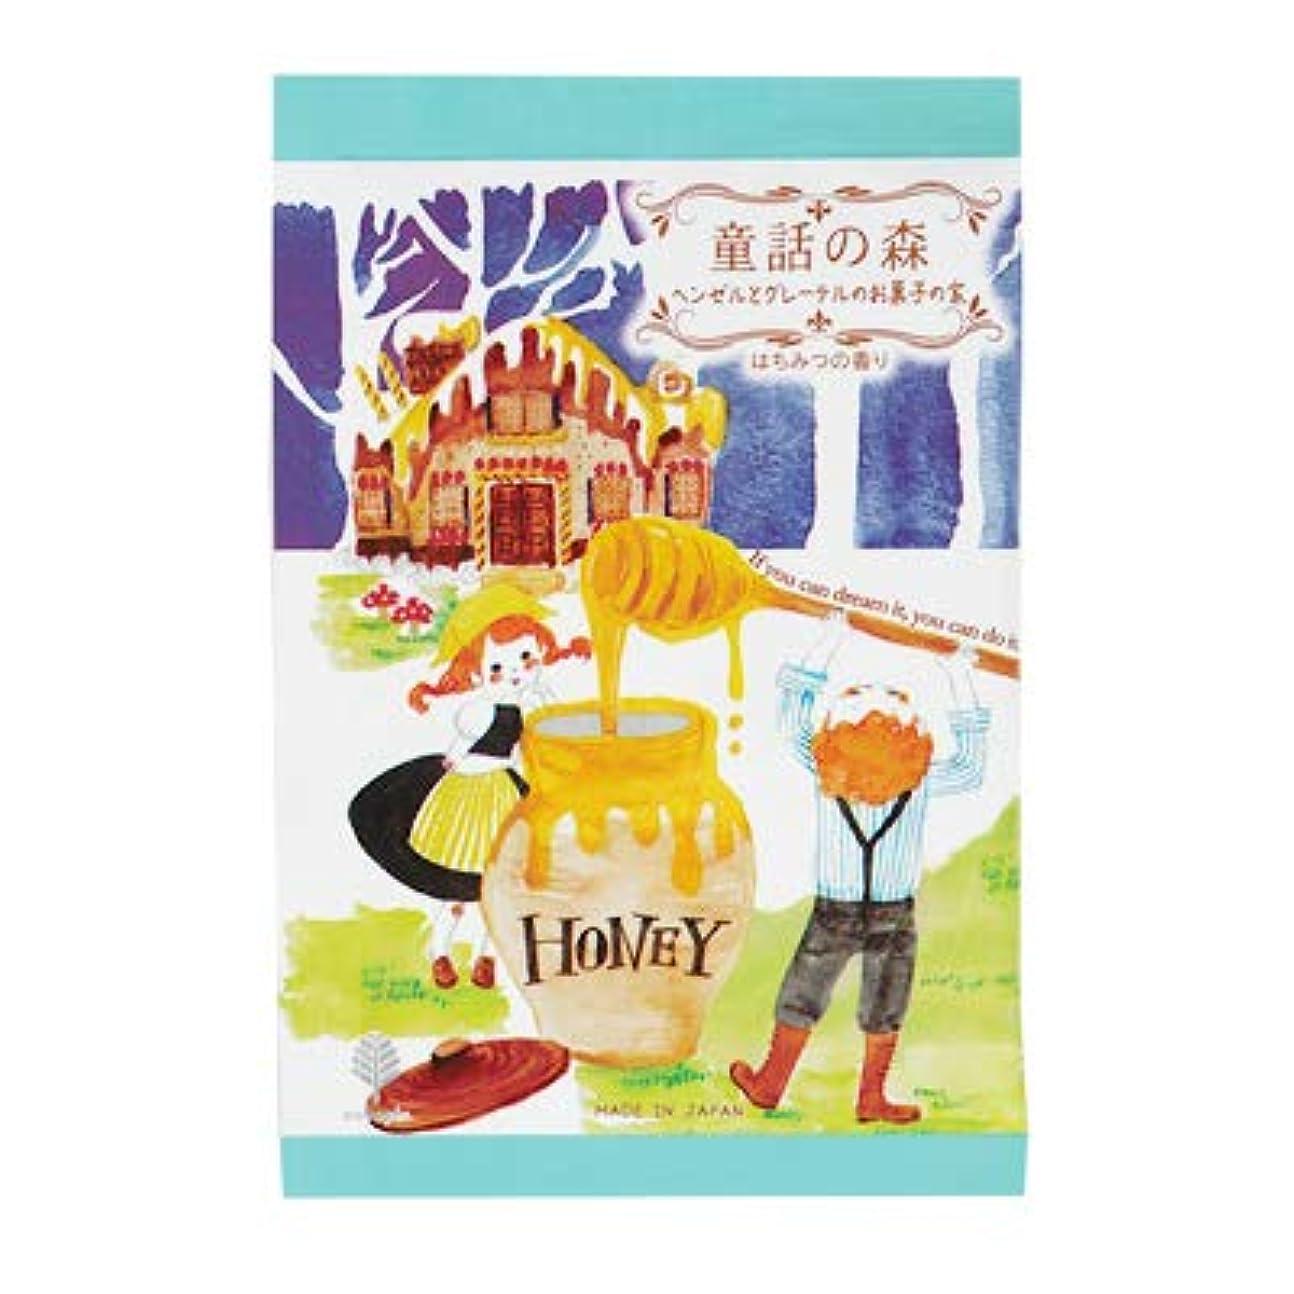 件名閉塞ペルメル【まとめ買い6個セット】 童話の森 ヘンゼルとグレーテルのお菓子の家